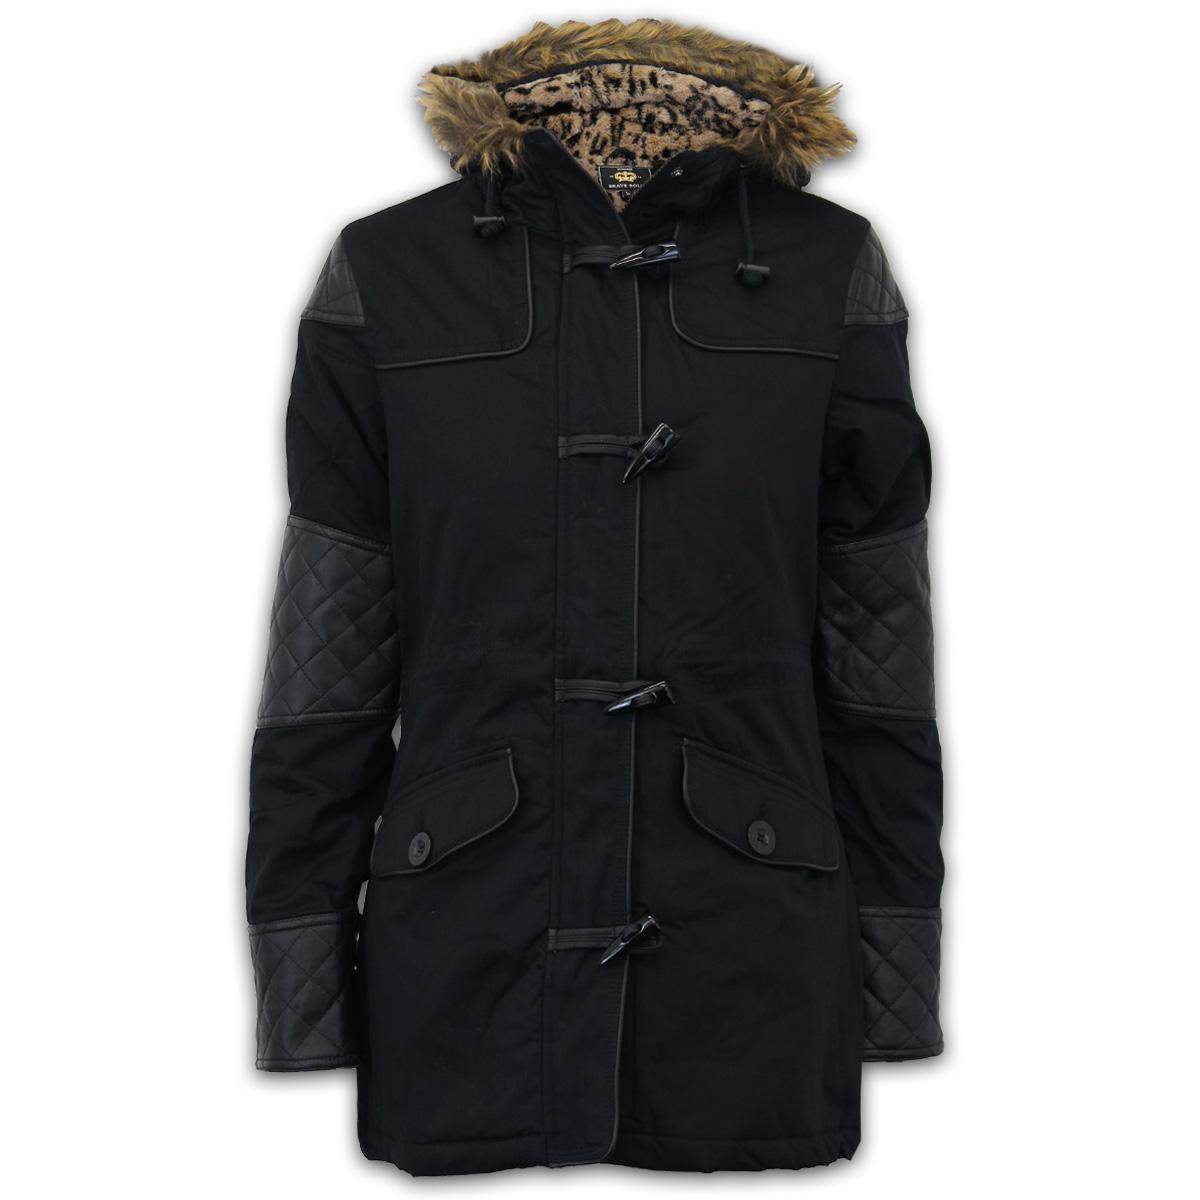 Womens Parka Style Coats